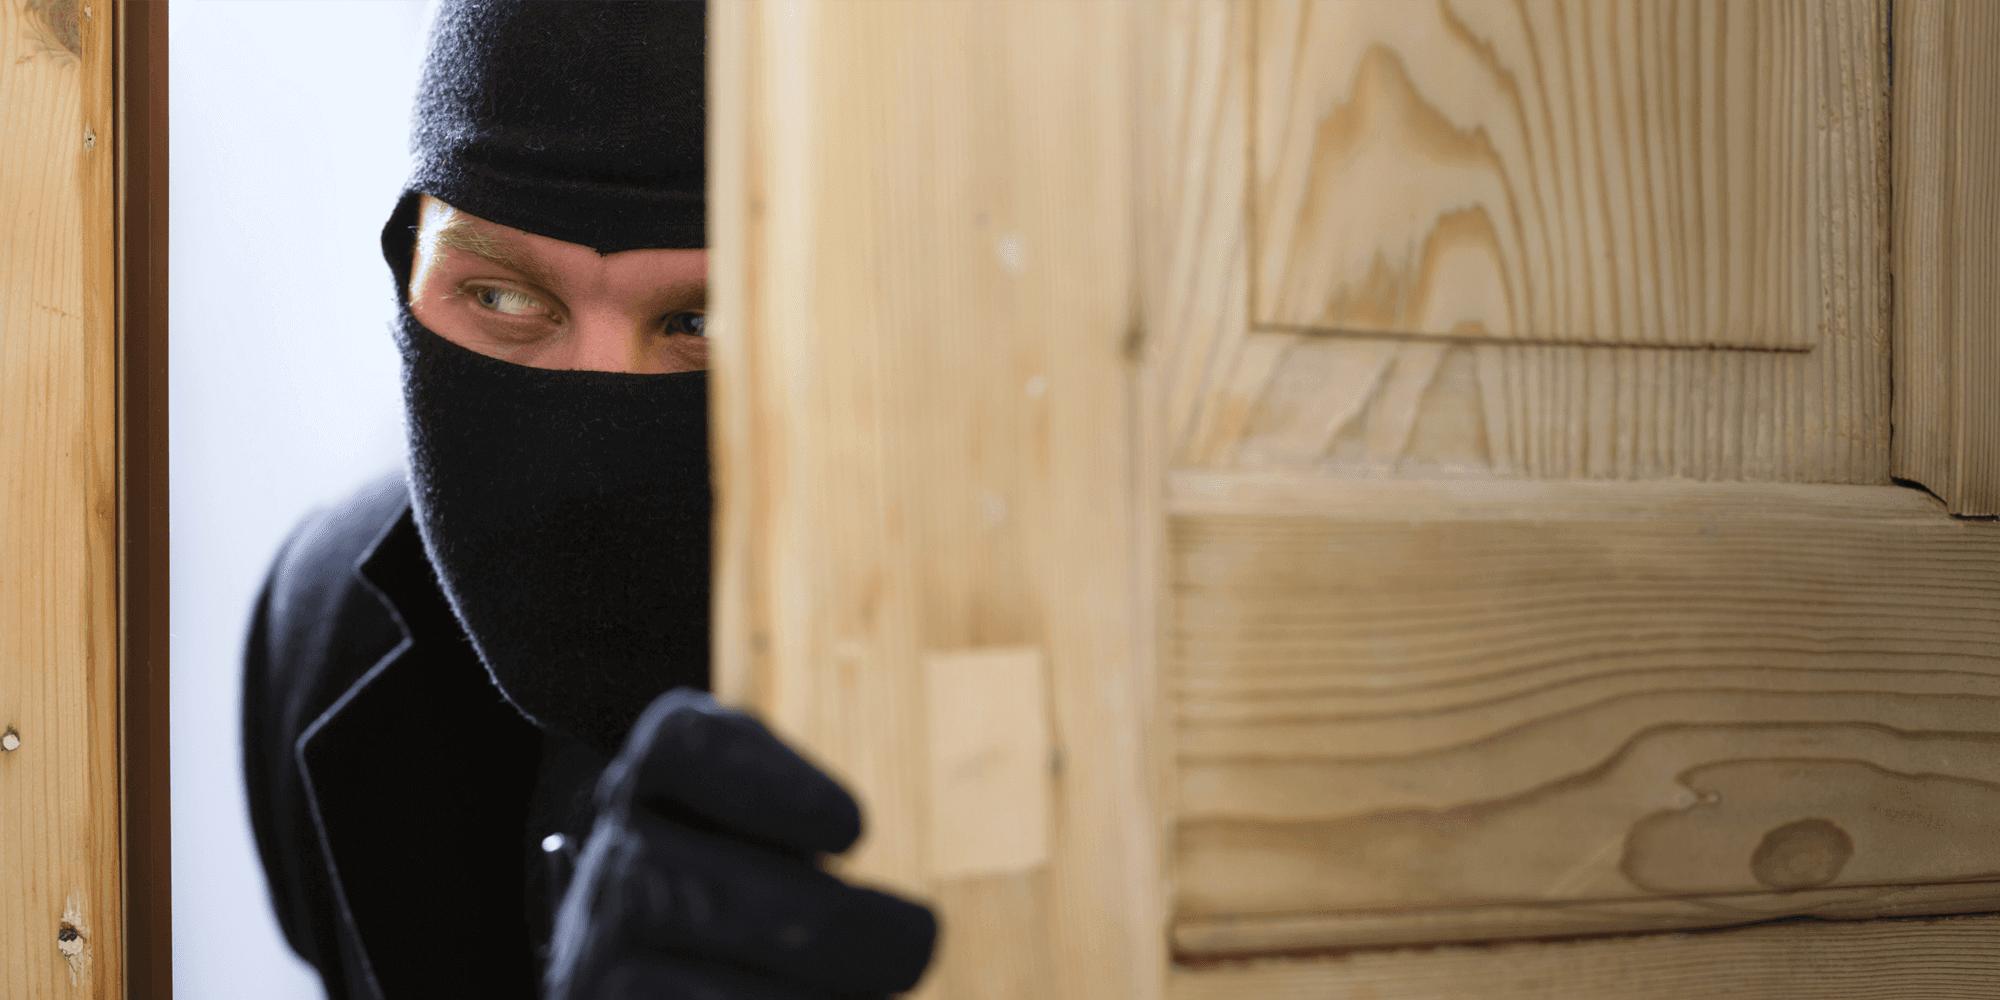 Fire & Burglar Alarms